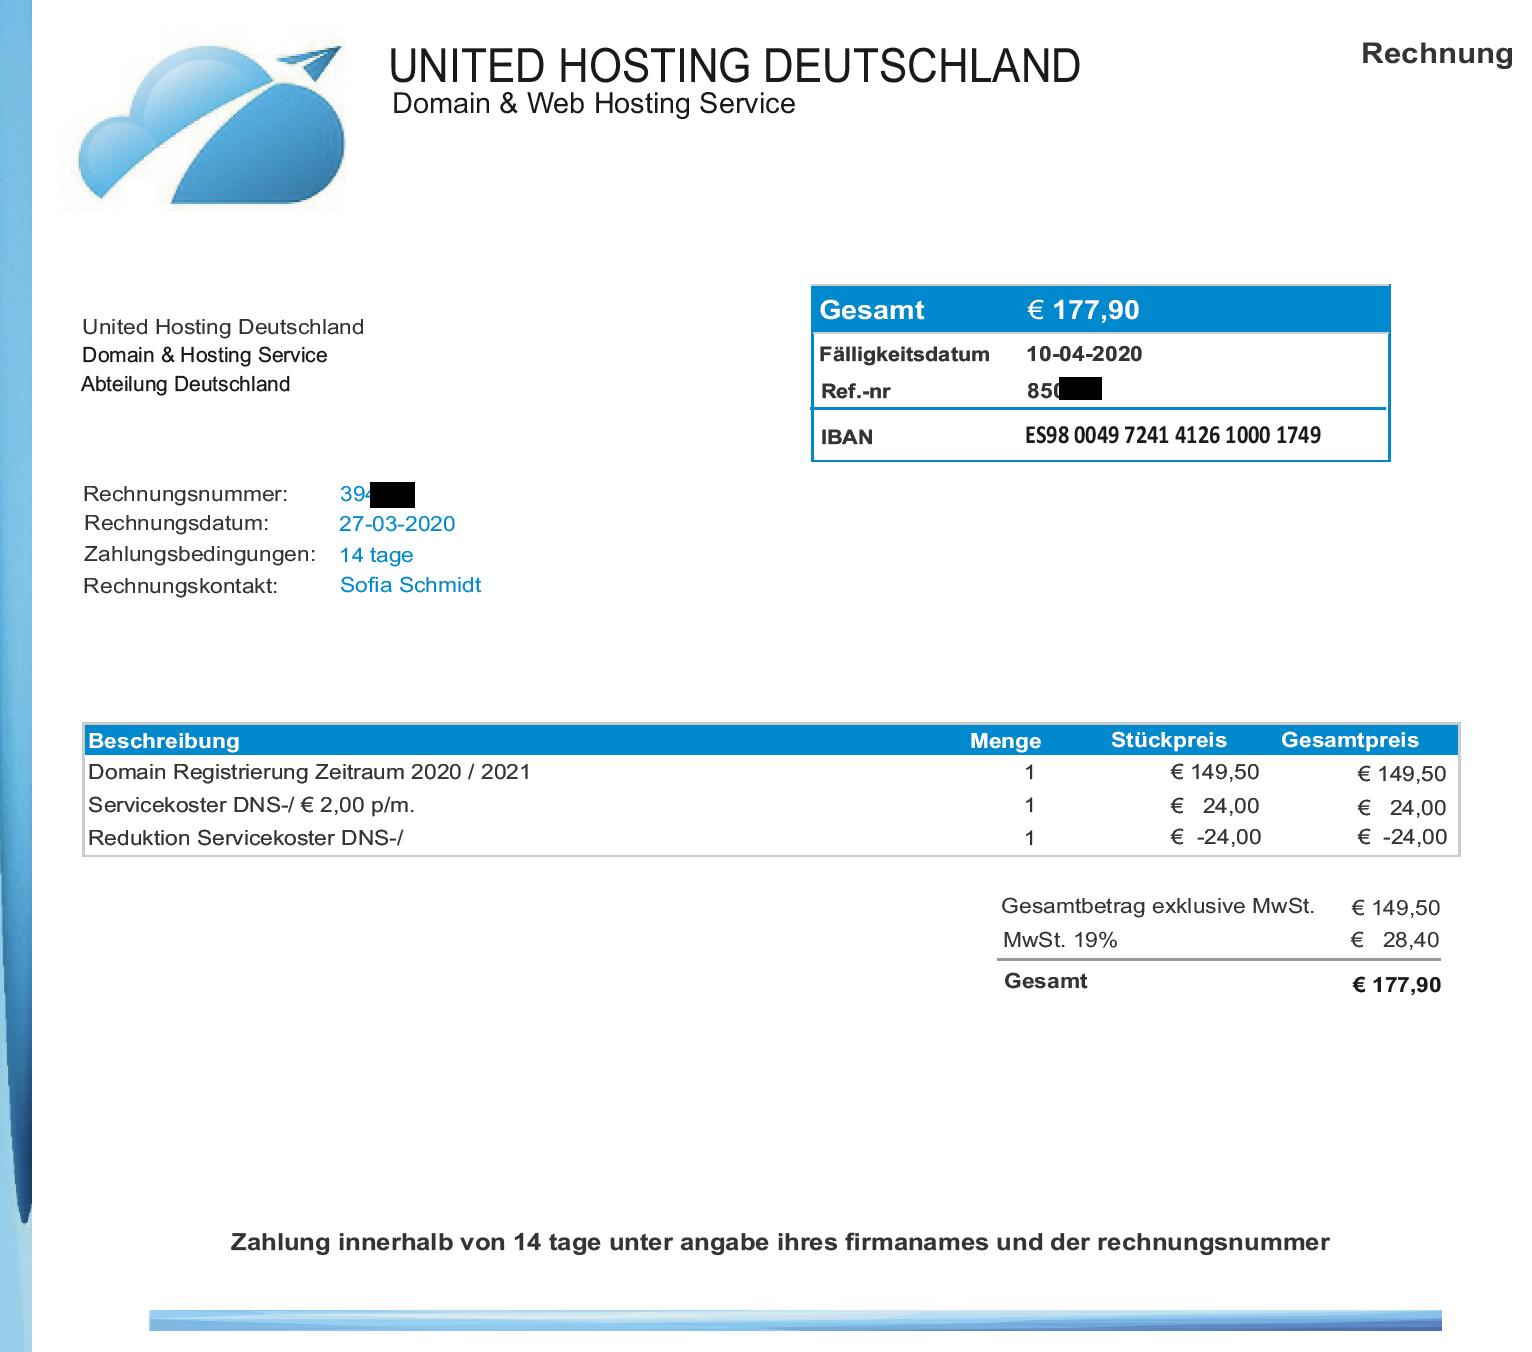 """""""Rechnung"""" von United Hosting Deutschland erhalten? - Ferner: Rechtsanwalt für Strafrecht, Verkehrsrecht, IT-Recht Aachen"""